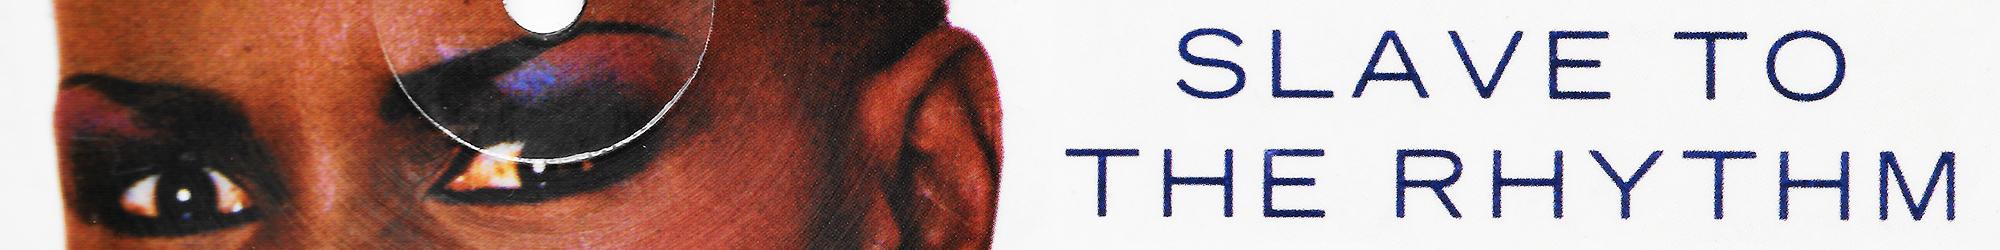 New Slave Litmus Banner C.jpg